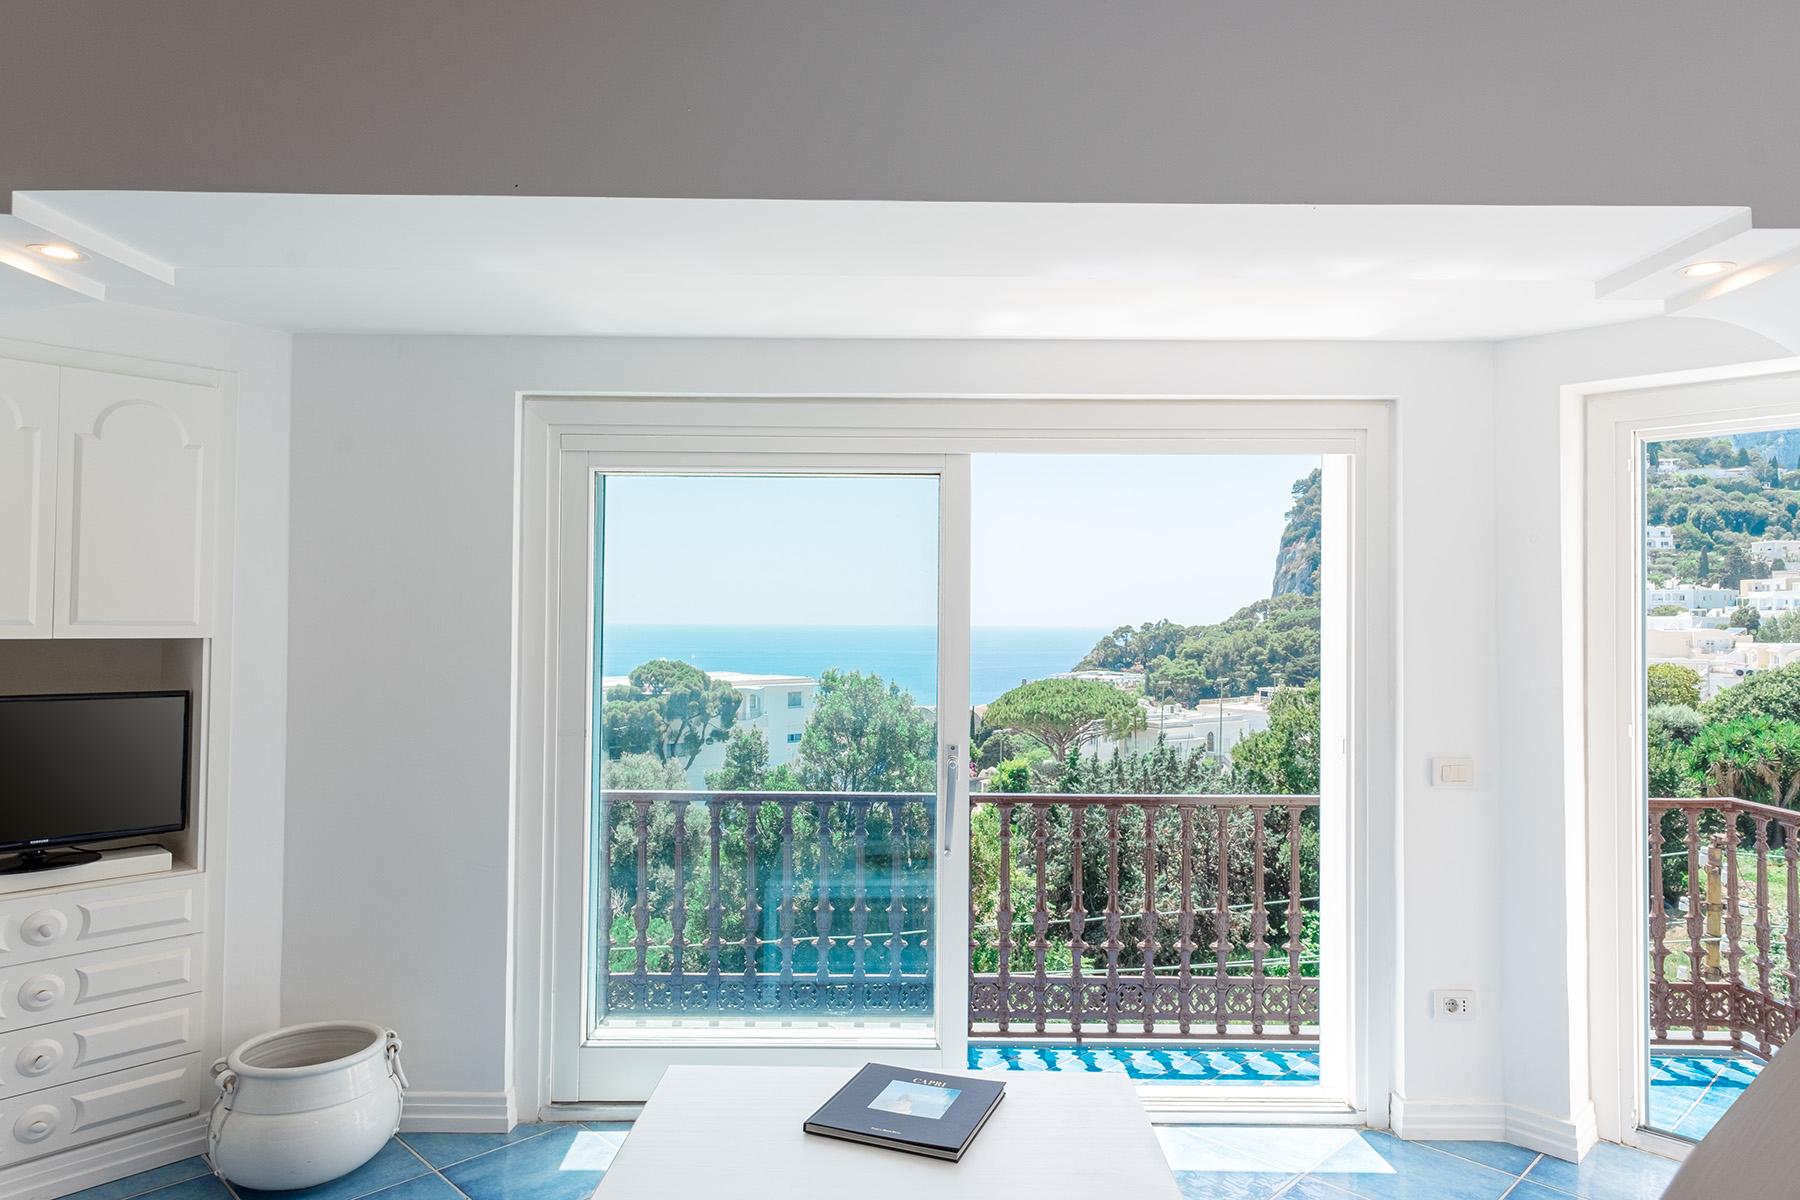 Attico in Vendita a Capri: 5 locali, 160 mq - Foto 15